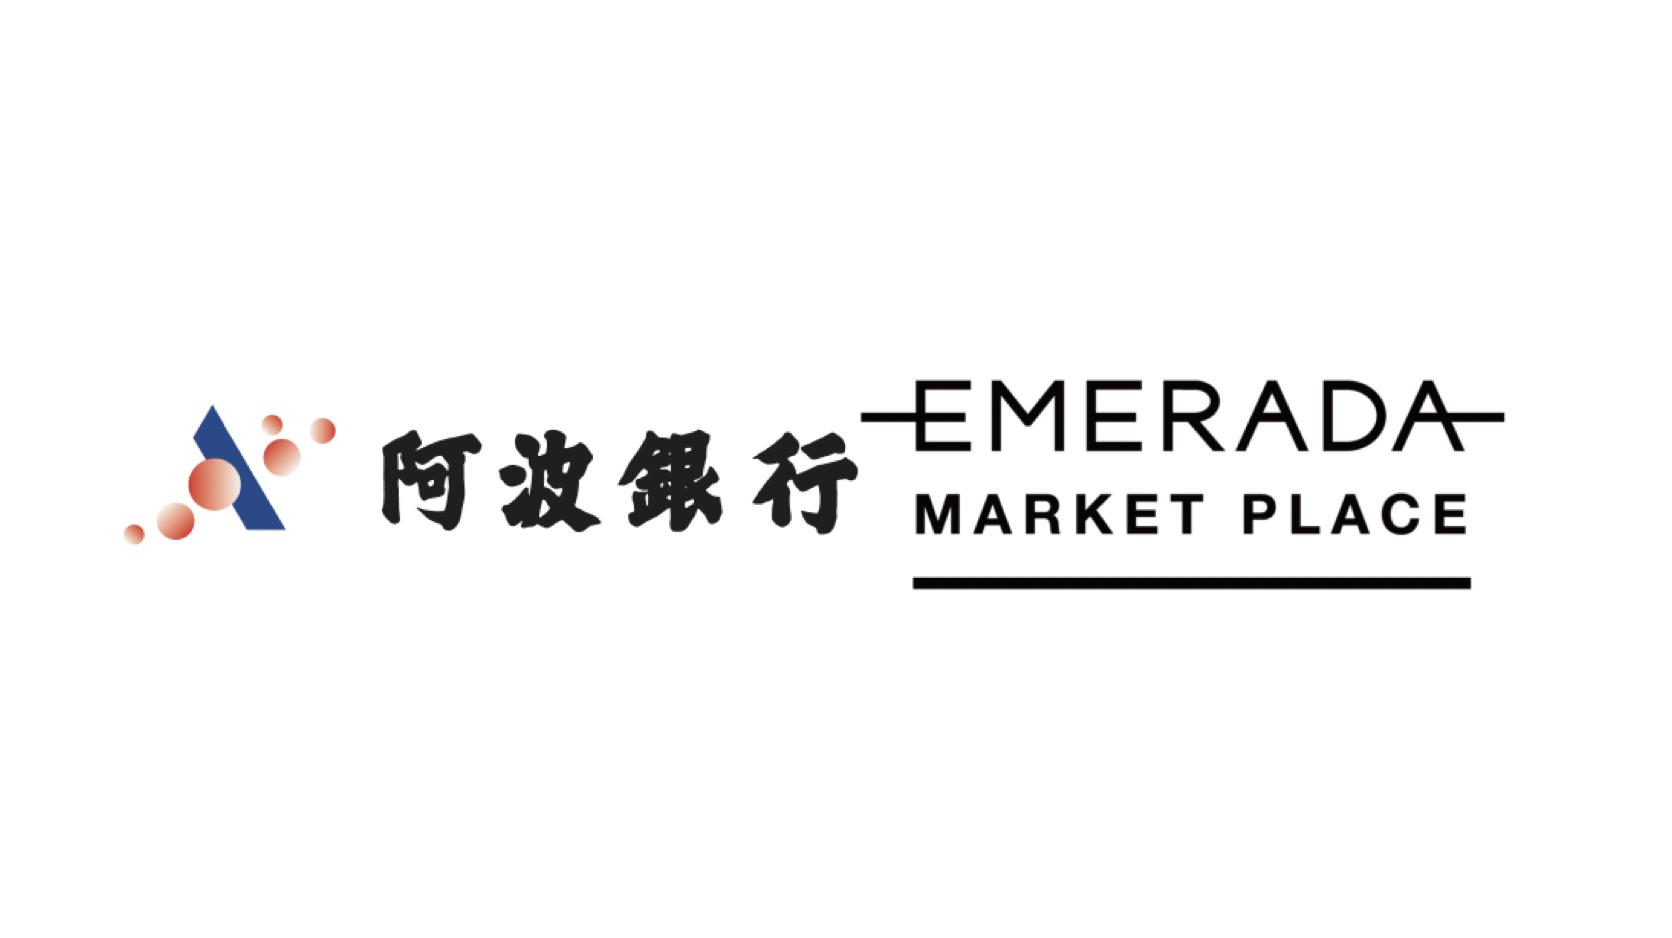 阿波銀行×エメラダ|オンライン資金繰り管理サービス「エメラダ・マーケットプレイス」の試験導入を開始